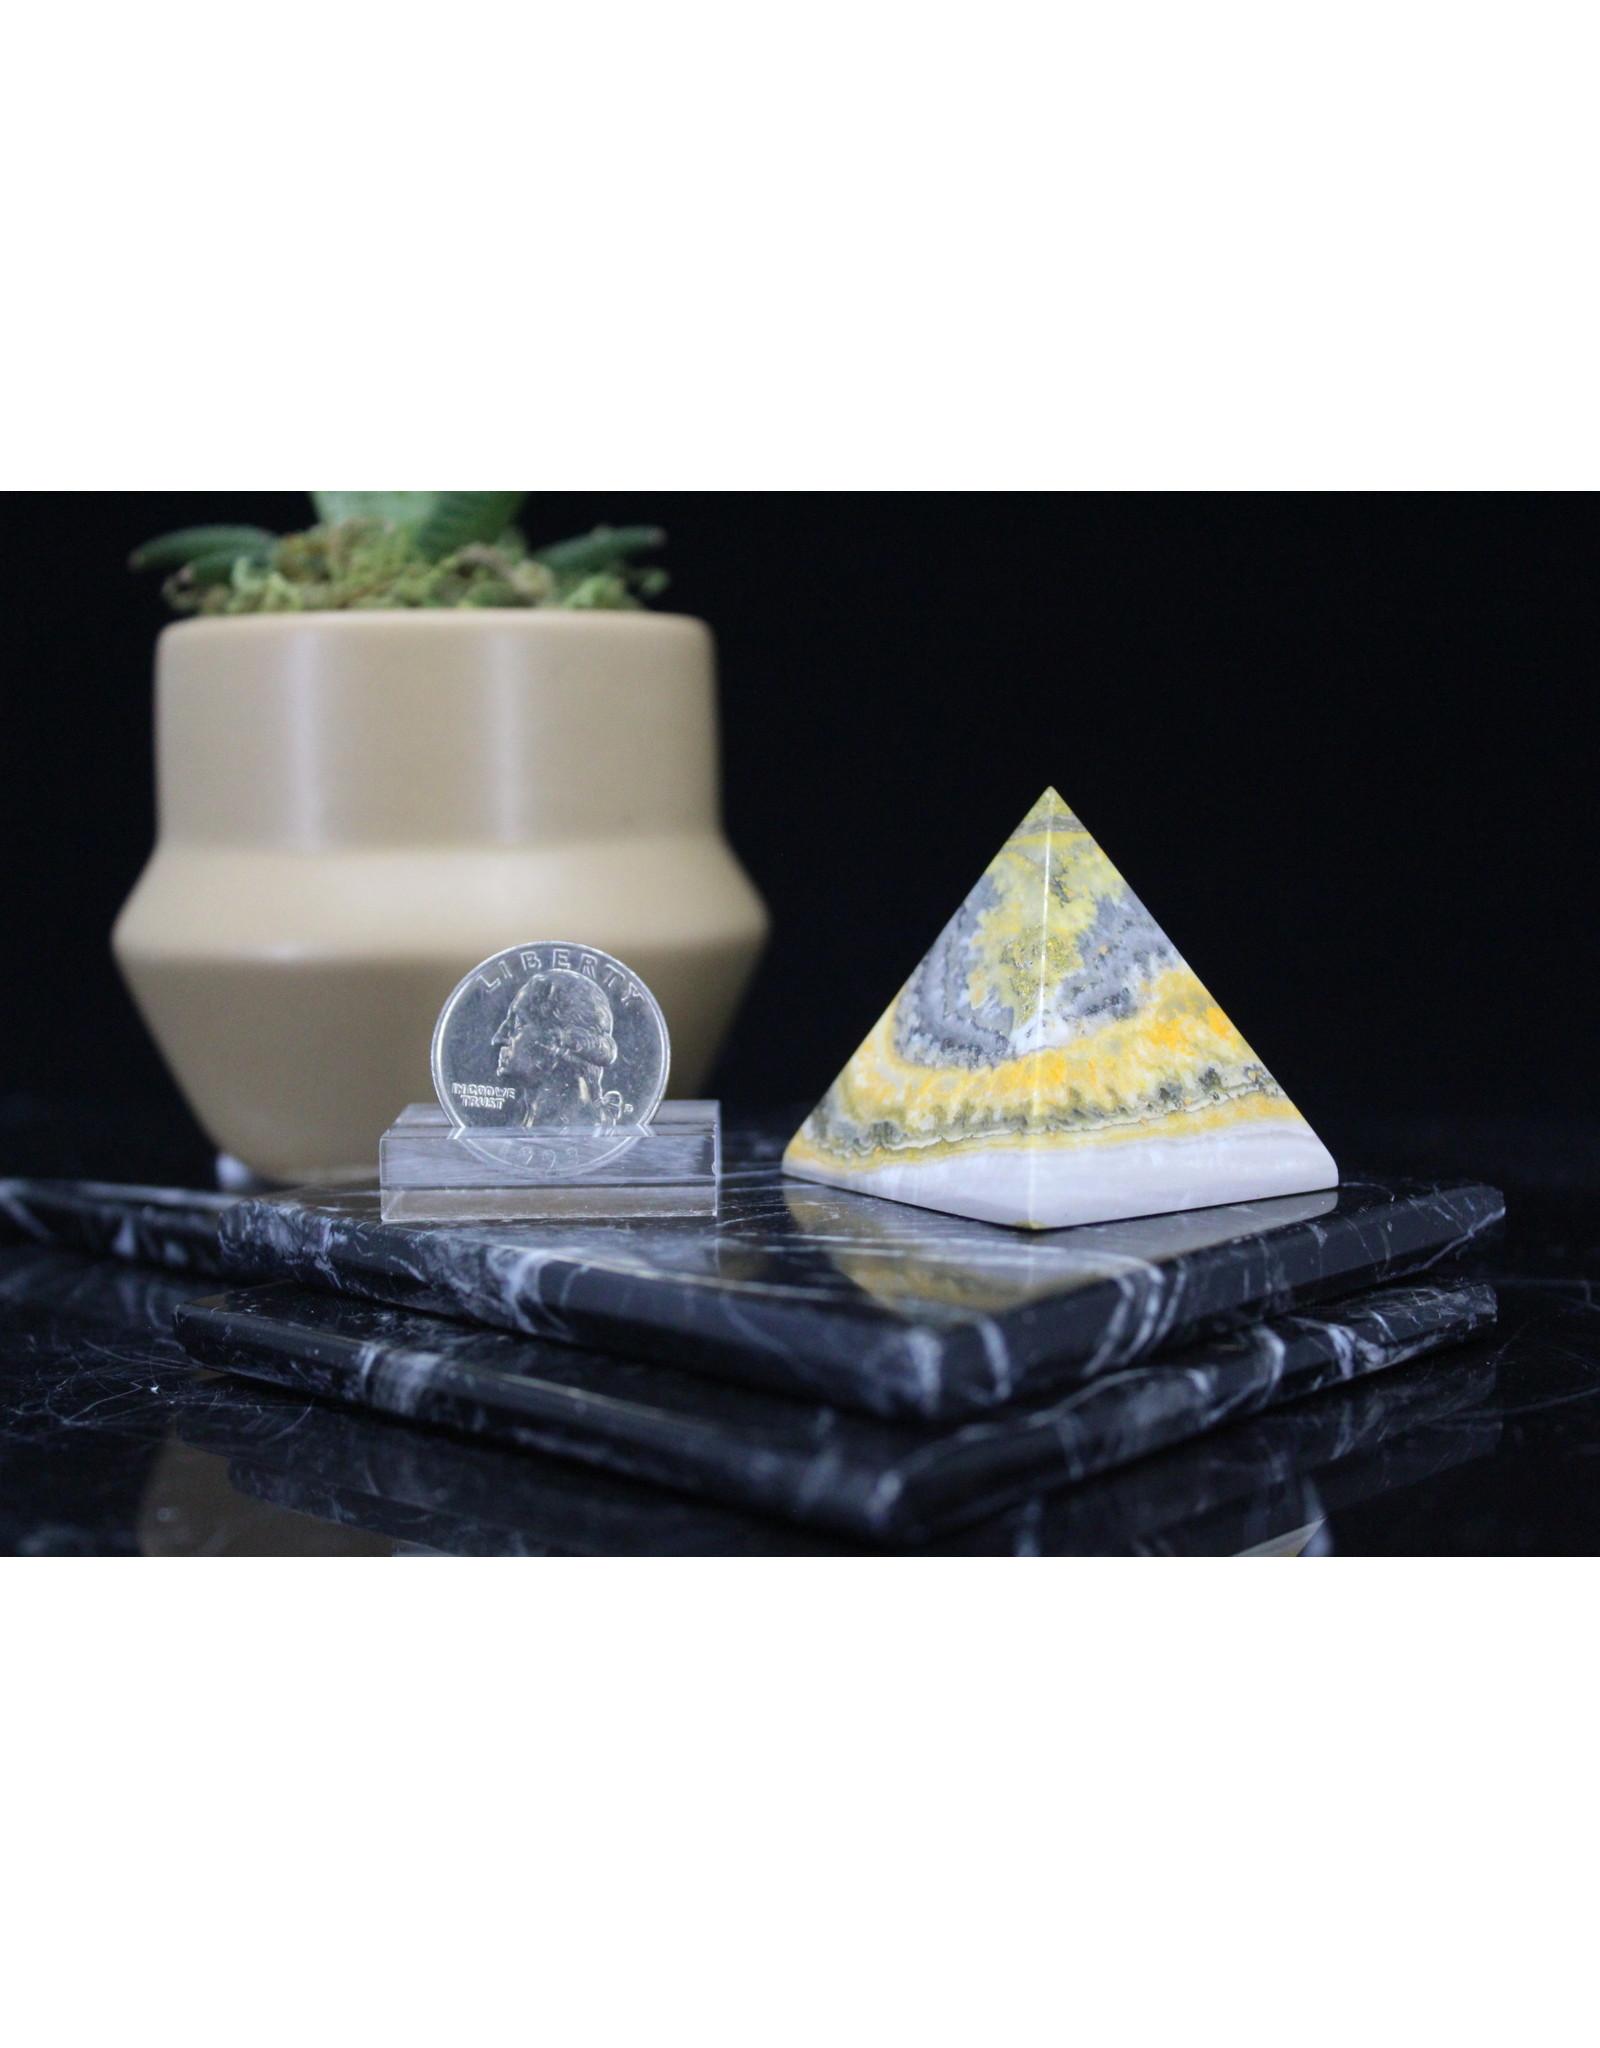 Bumblebee Jasper Pyramid - 40 mm